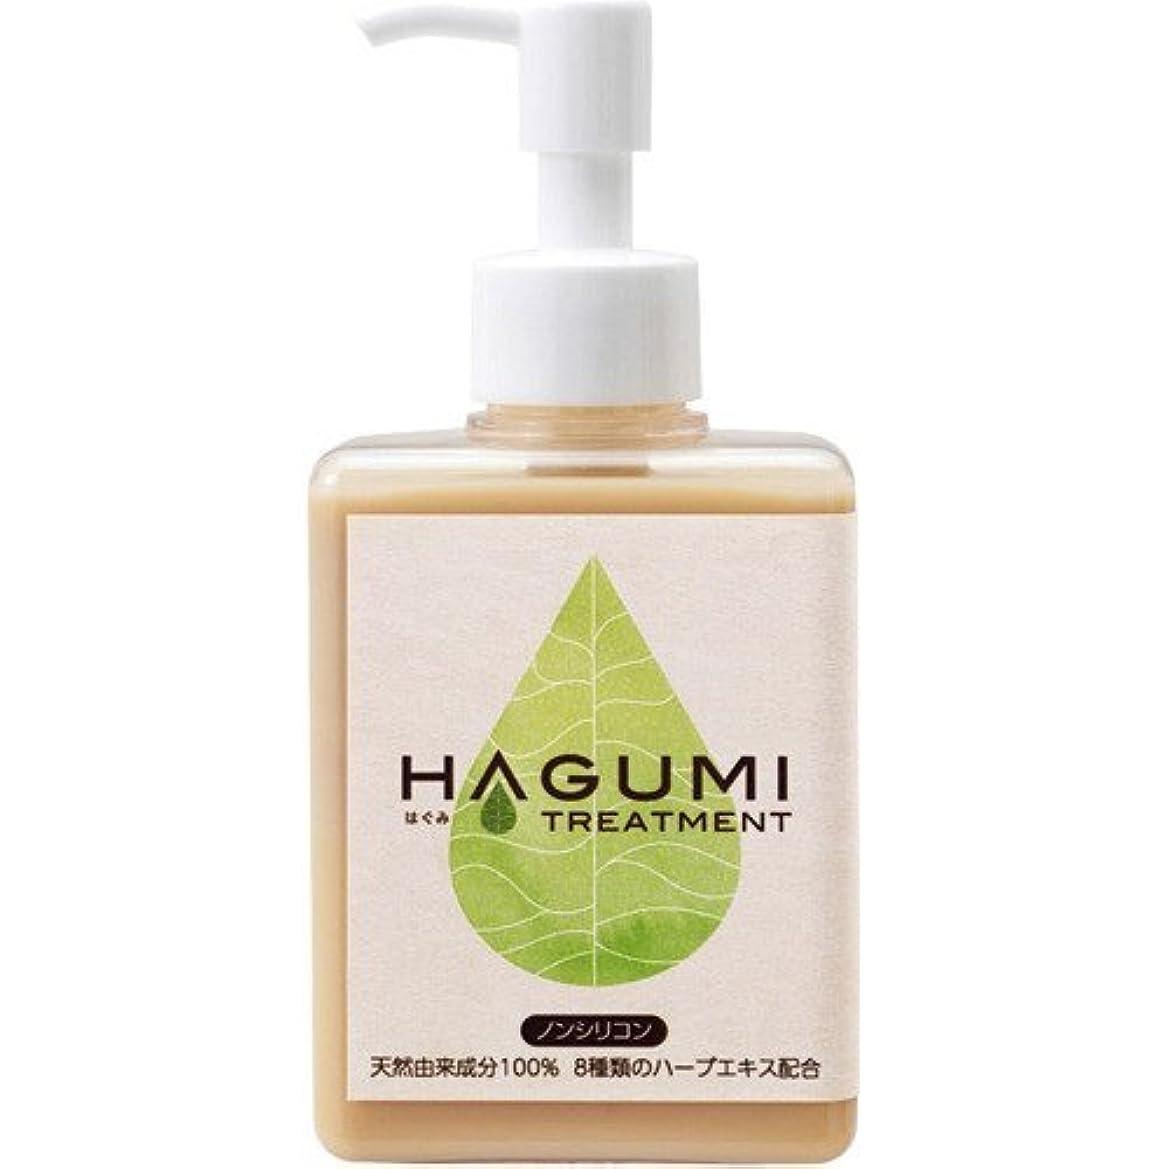 溶融征服宗教HAGUMI(ハグミ) トリートメント 200ml